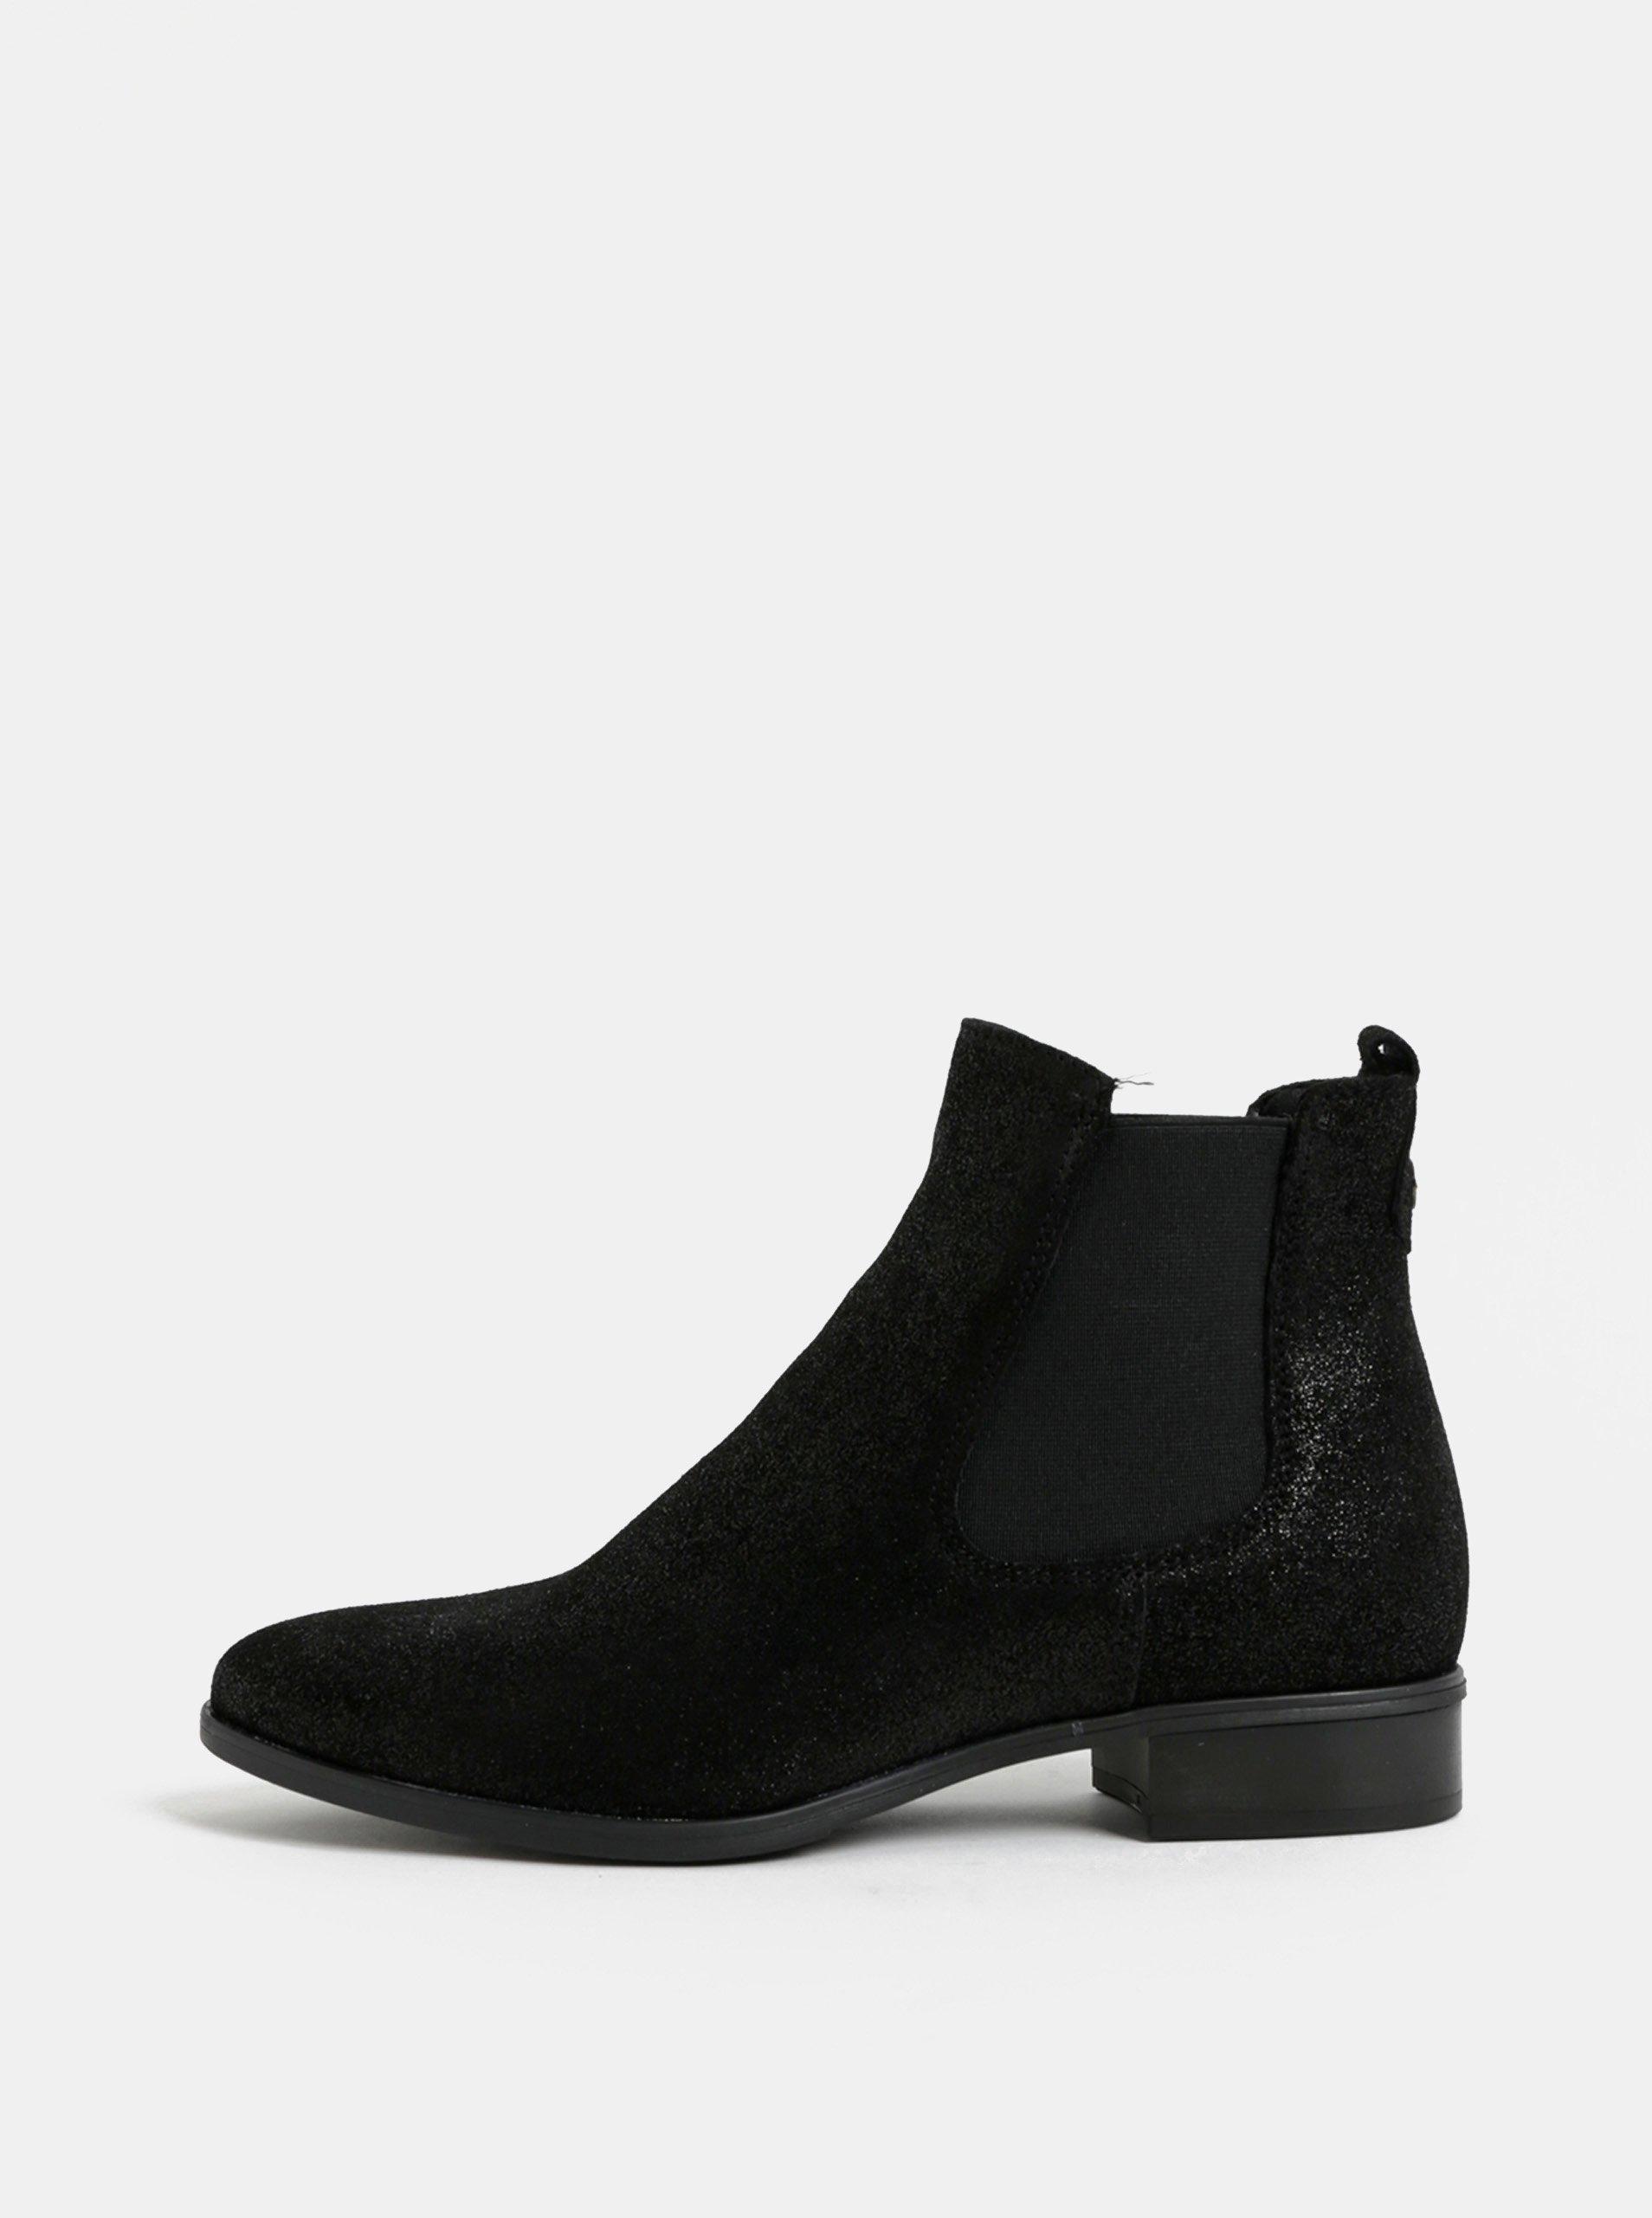 Černé semišové třpytivé chelasea boty Tamaris